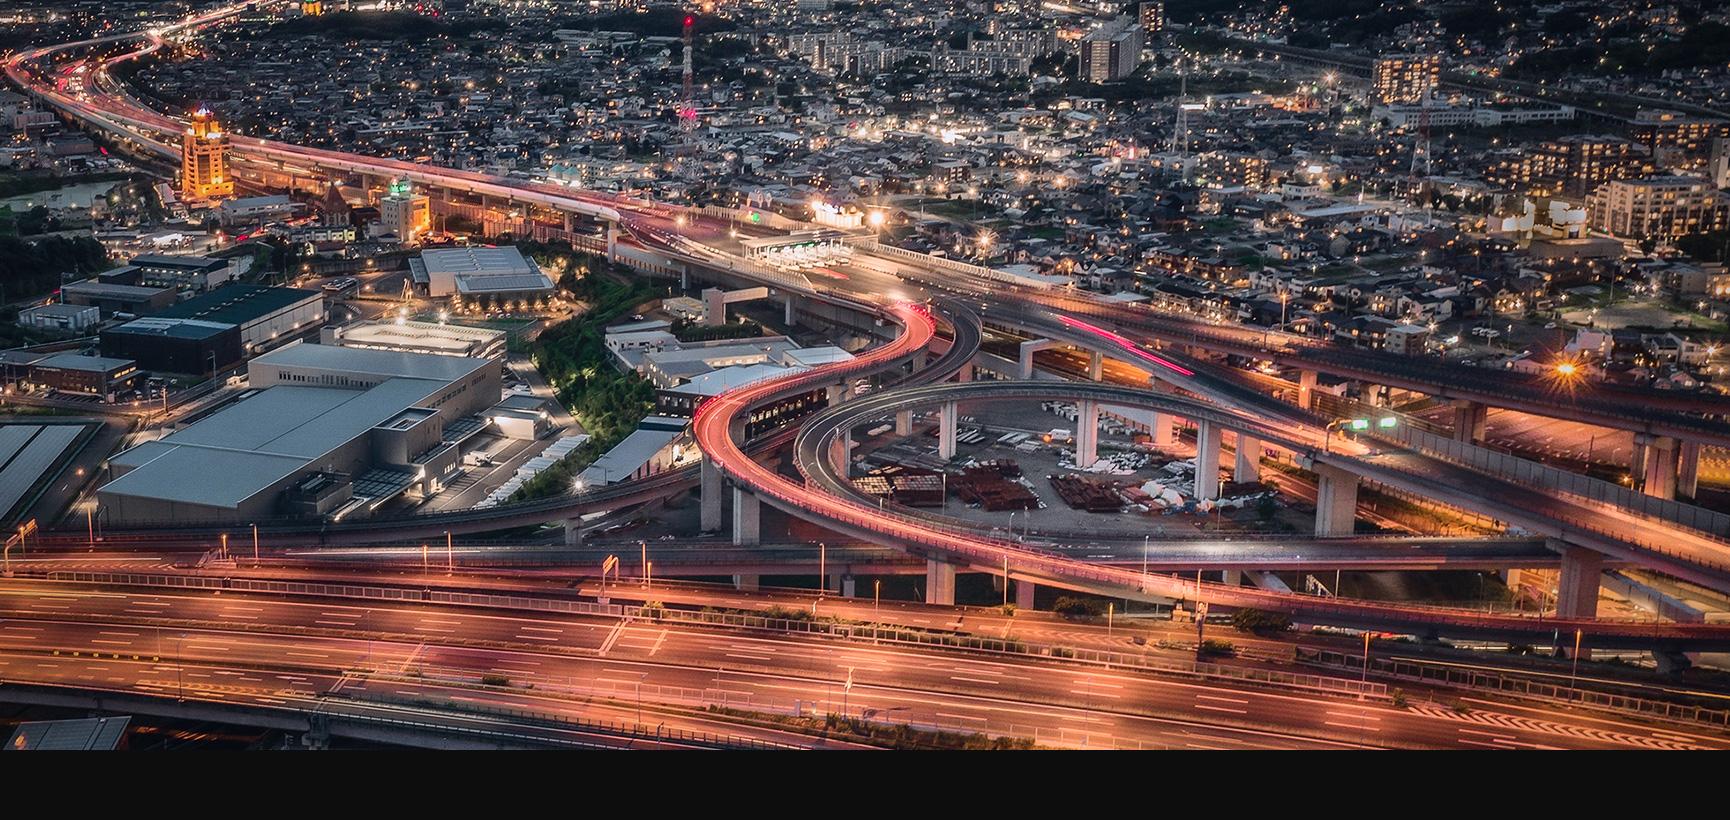 明日への未来の道 道路を通し豊かな生活を